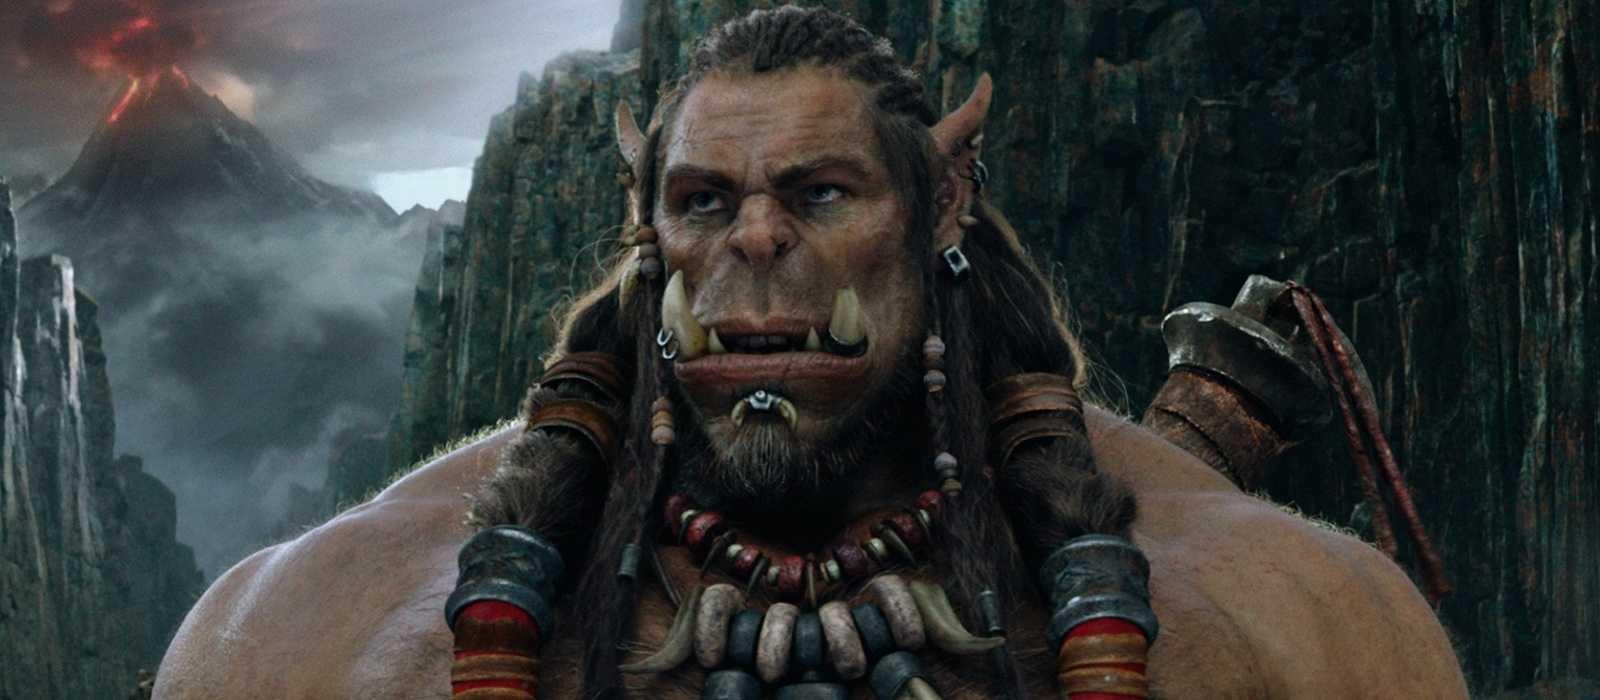 Für die Horde! Der Tätowierer fügte Reißzähne ein und verwandelte sich in einen Ork wie in World of Warcraft - Foto und Video